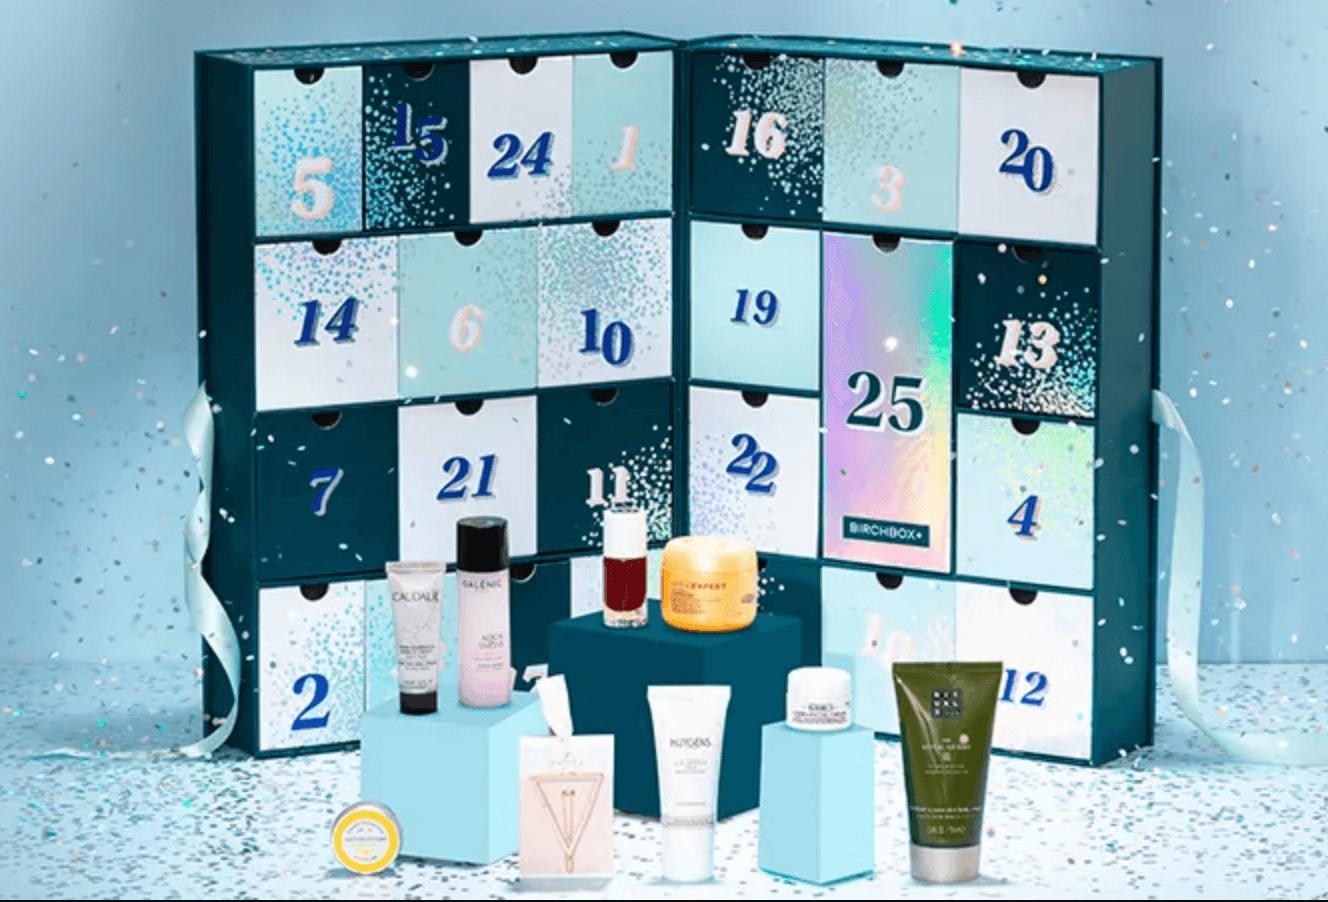 revue-liste-meilleurs-calendriers-avent-beaute-2019-makeupbyazadig-birchbox-abonnement